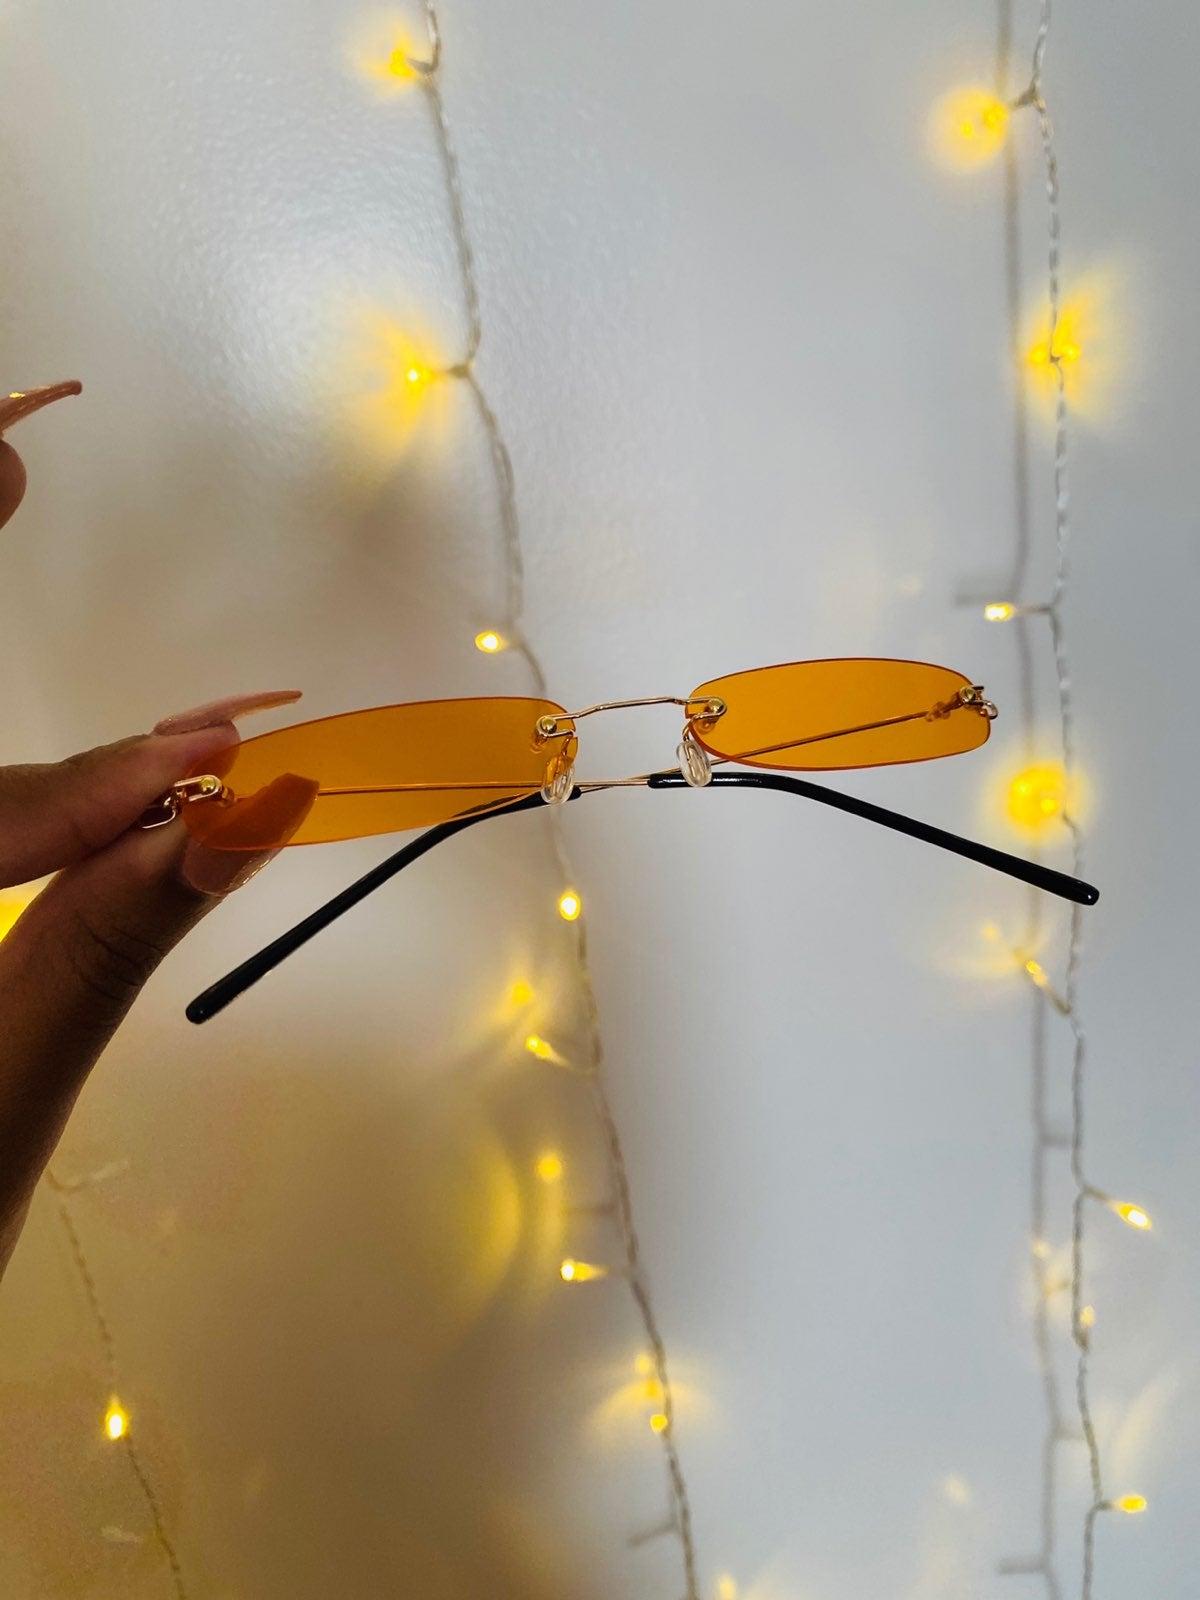 Retro orange sunglasses